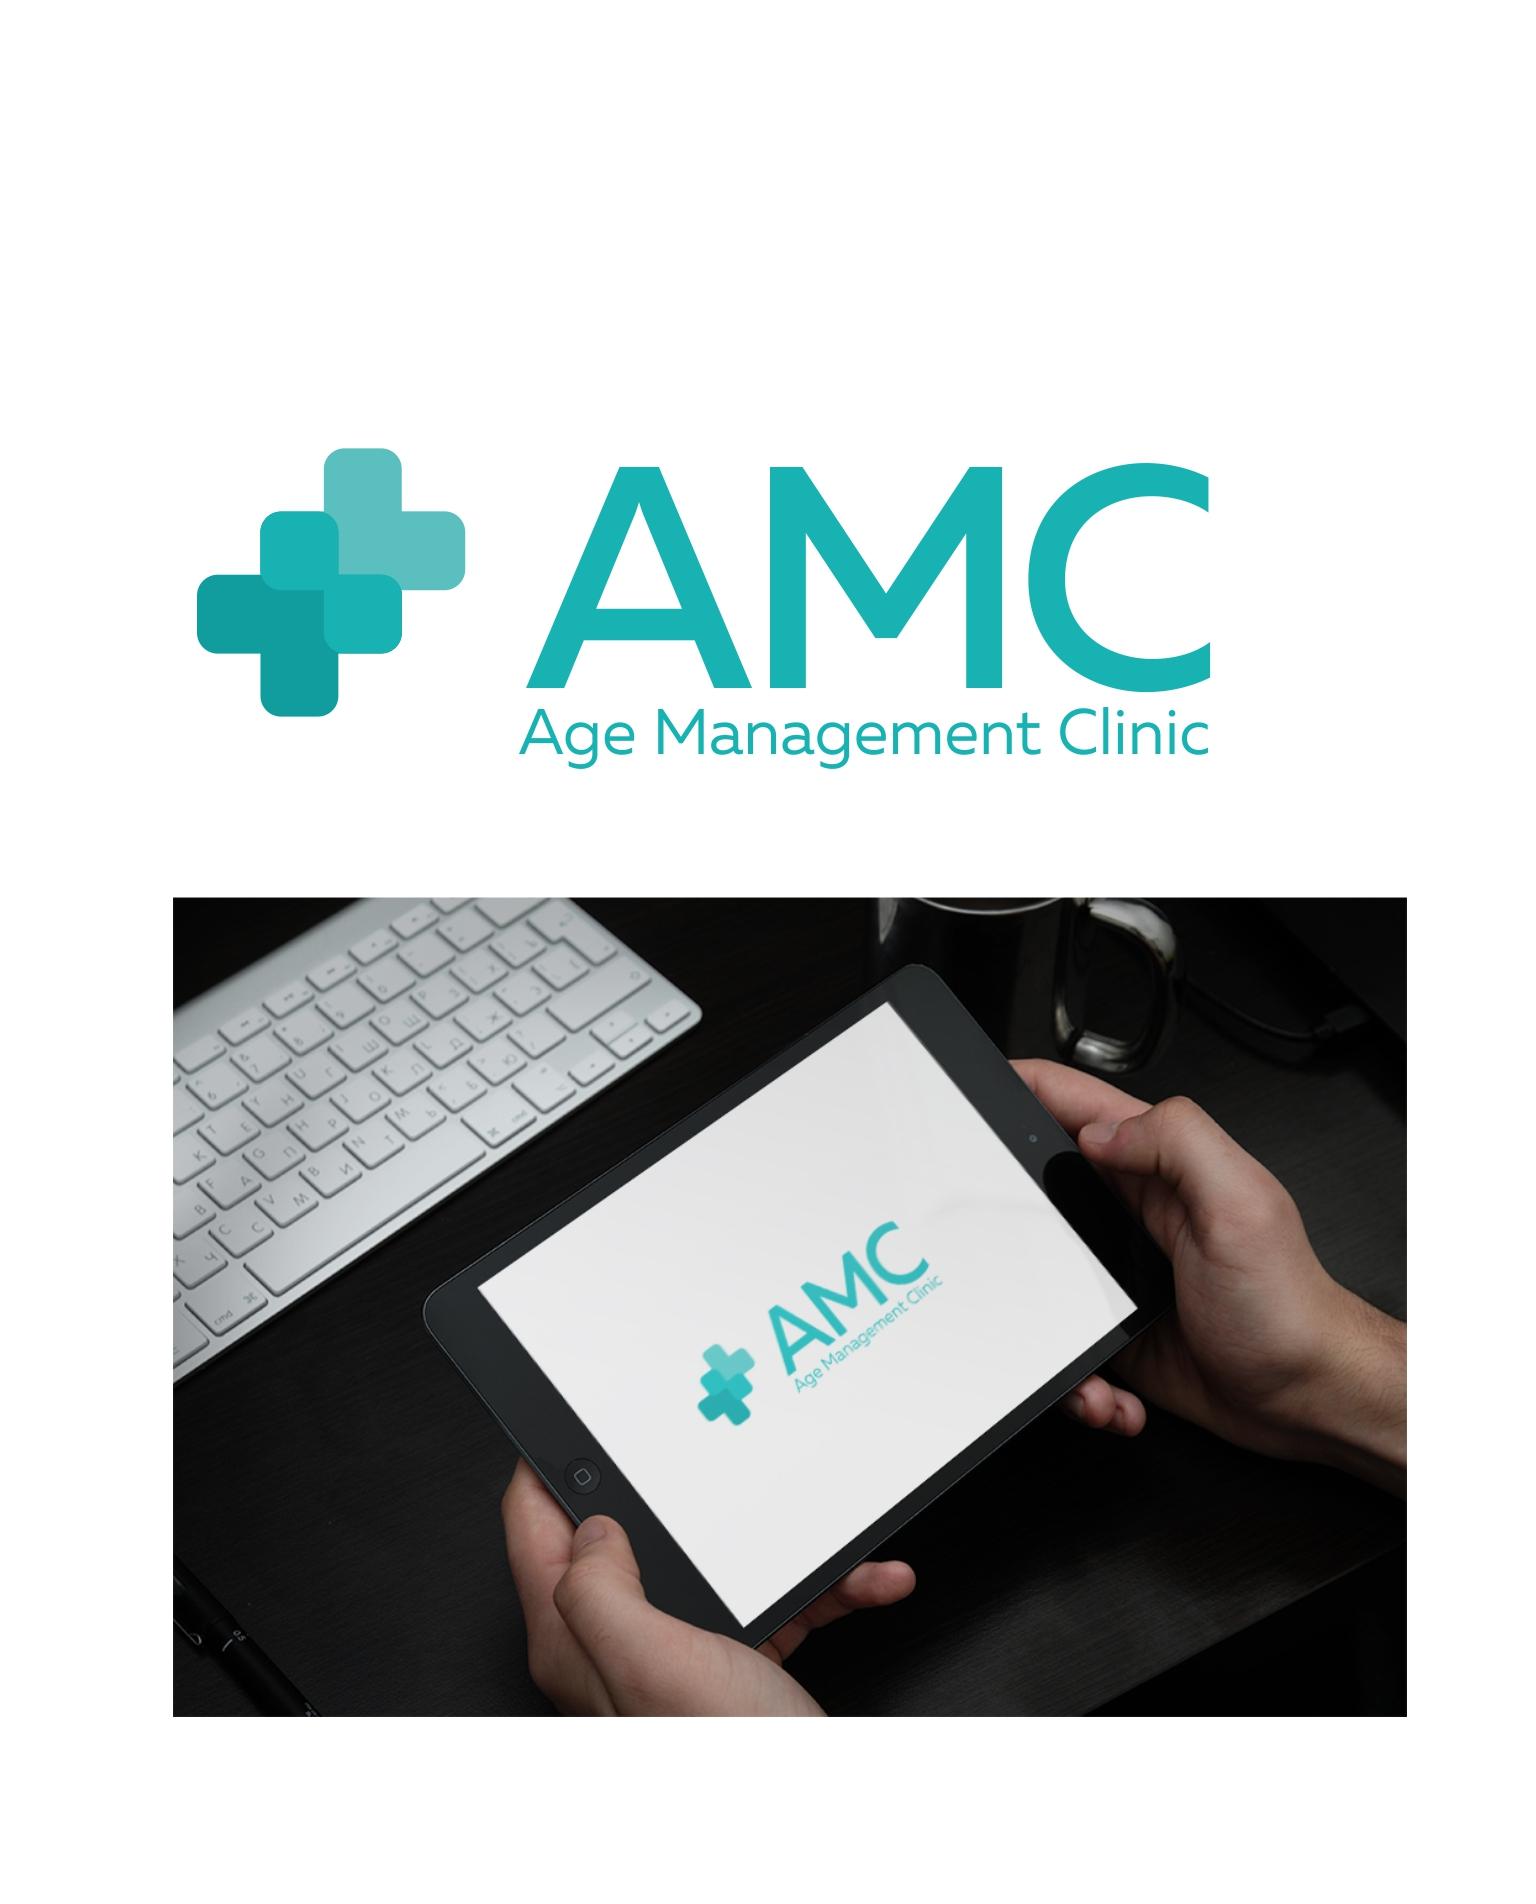 Логотип для медицинского центра (клиники)  фото f_6845b9b31602ee3e.jpg